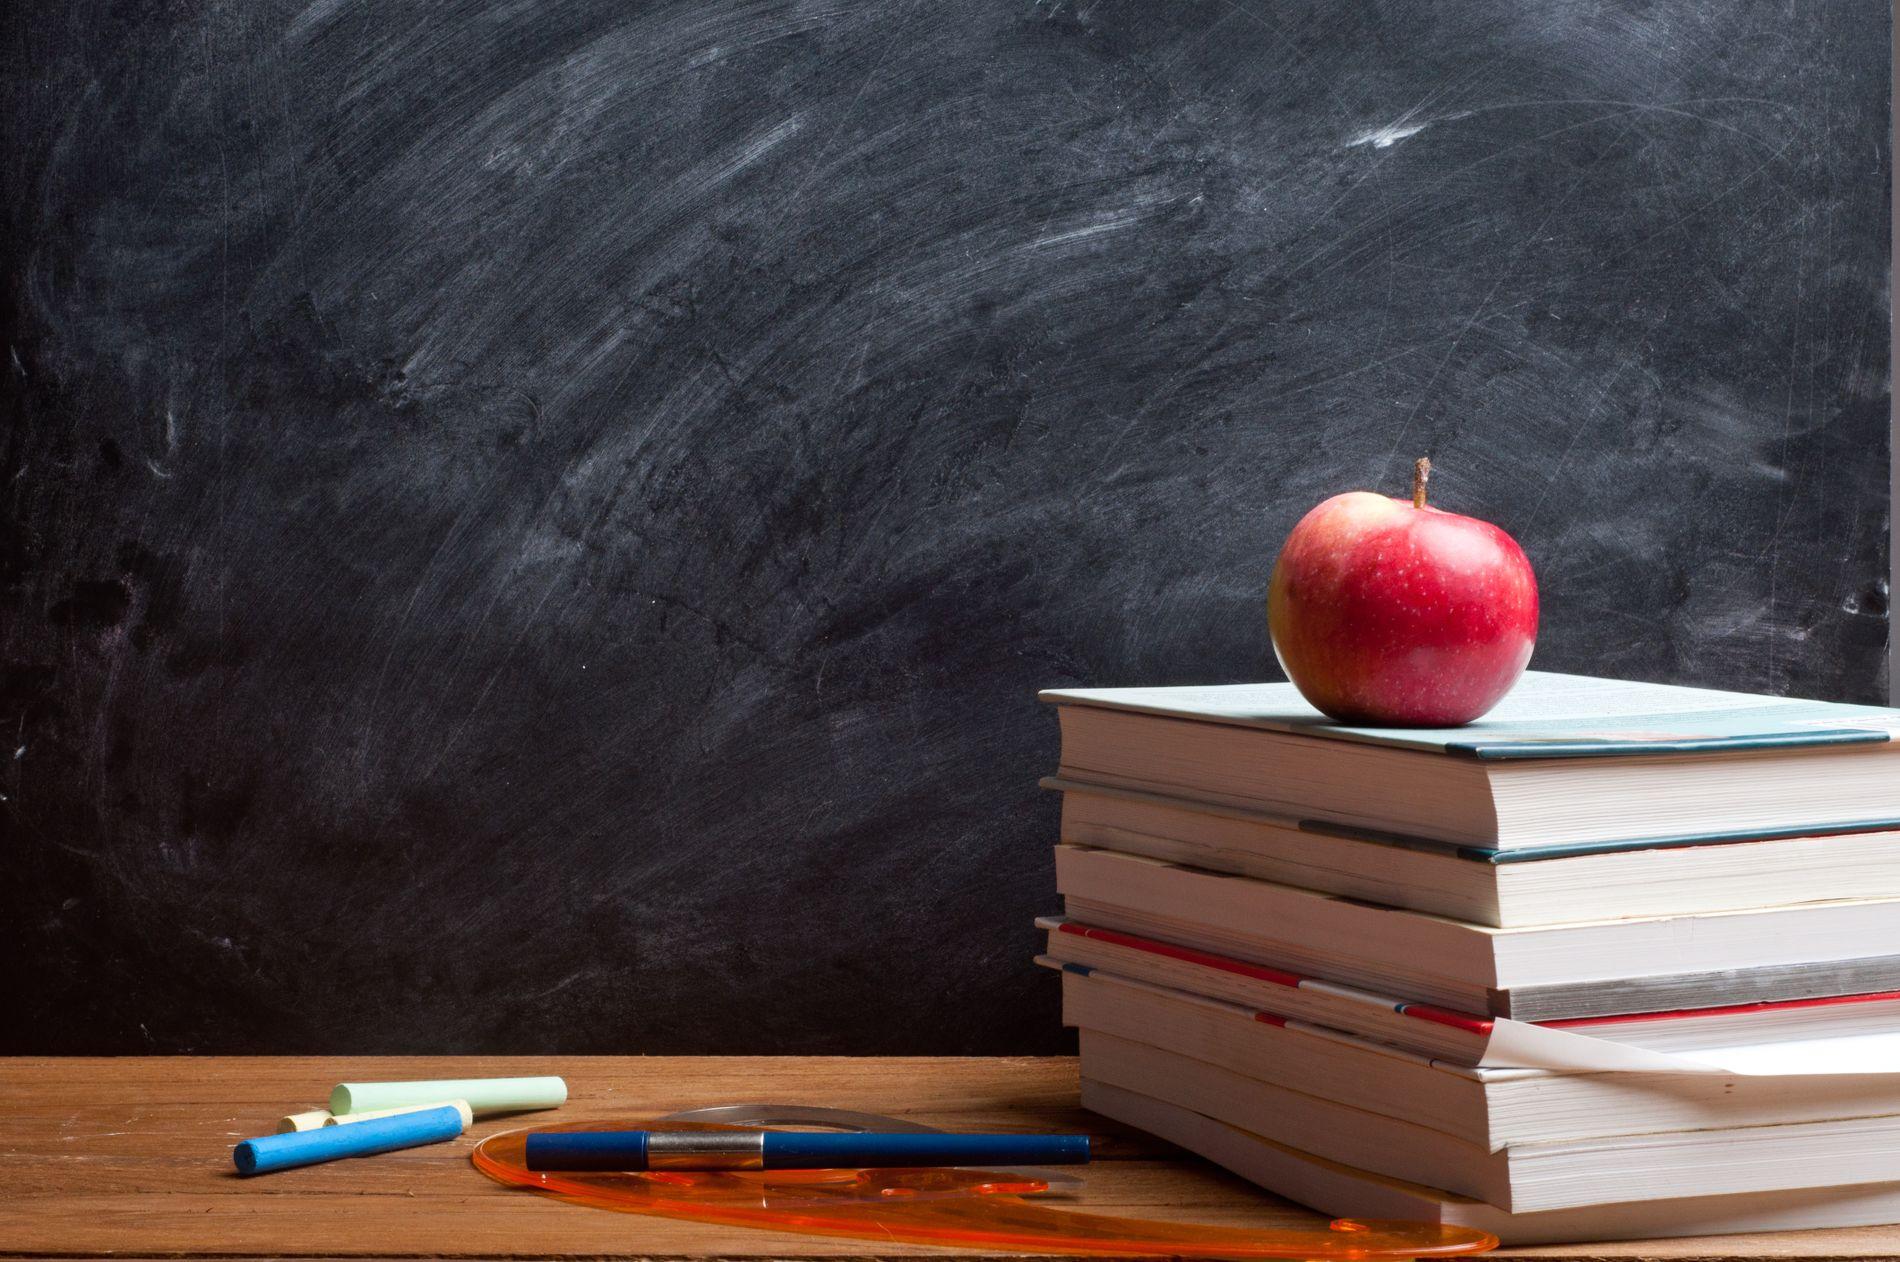 STOR FORSKJELL: Det har slått meg hvor vanvittig stor forskjell det er på læringsmiljøet i skolene, skriver innsender.